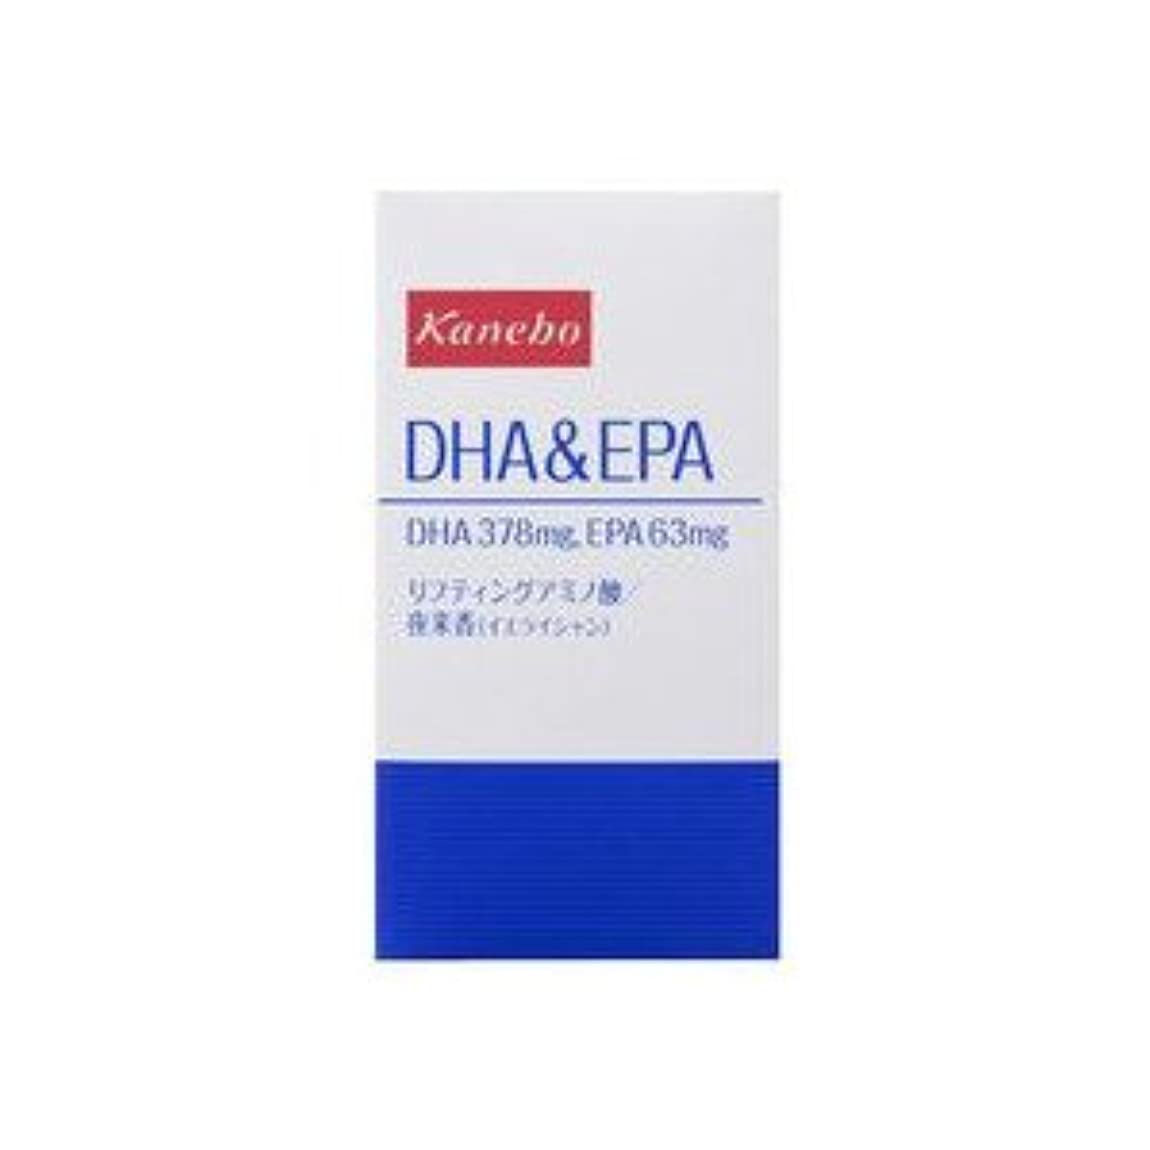 均等に害虫表面的なカネボウ DHA&EPA 465mg×120粒